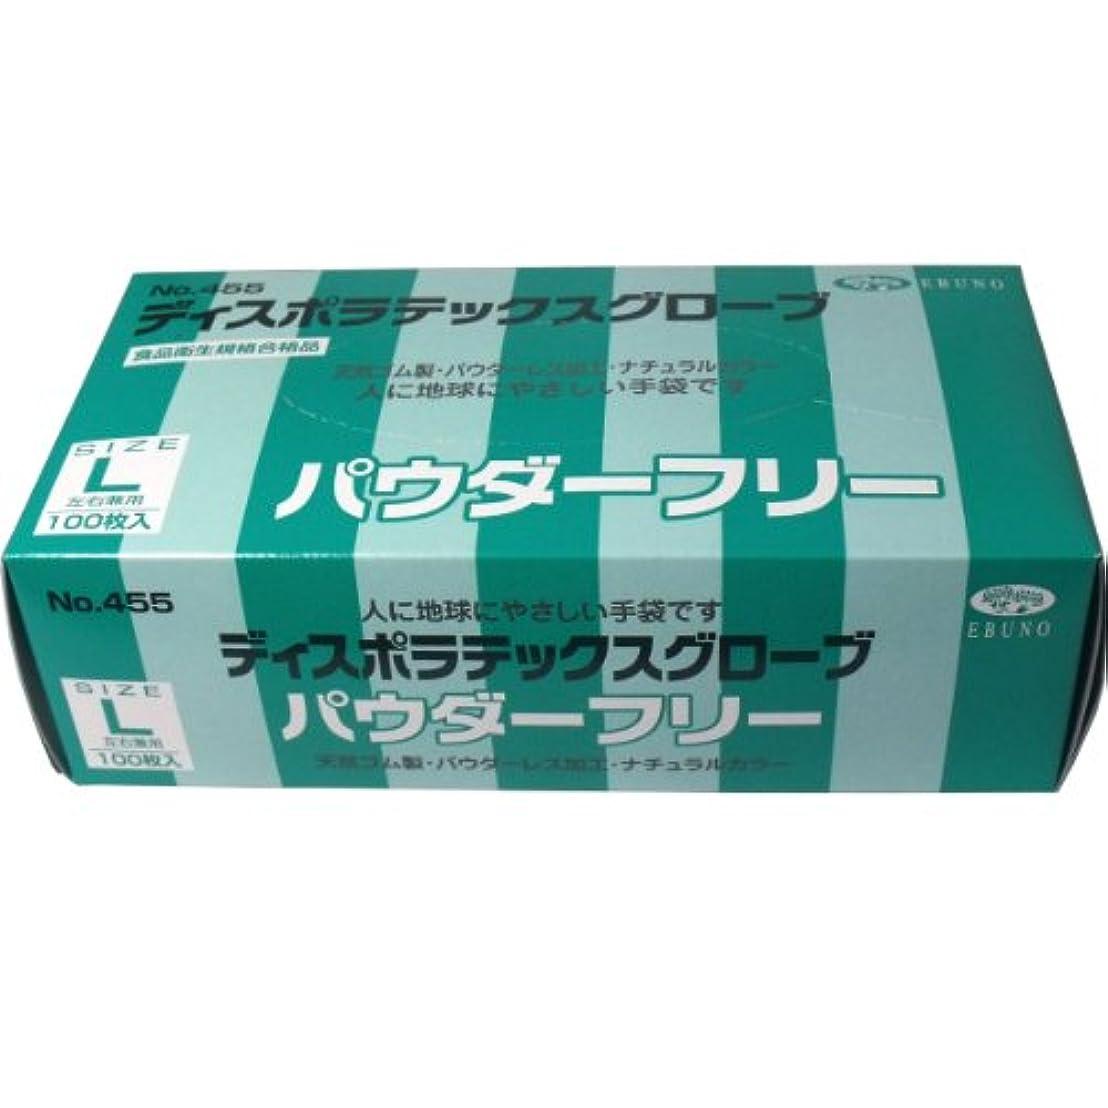 バリア範囲ピックディスポ ラテックスグローブ(天然ゴム手袋) パウダーフリー Lサイズ 100枚入×2個セット